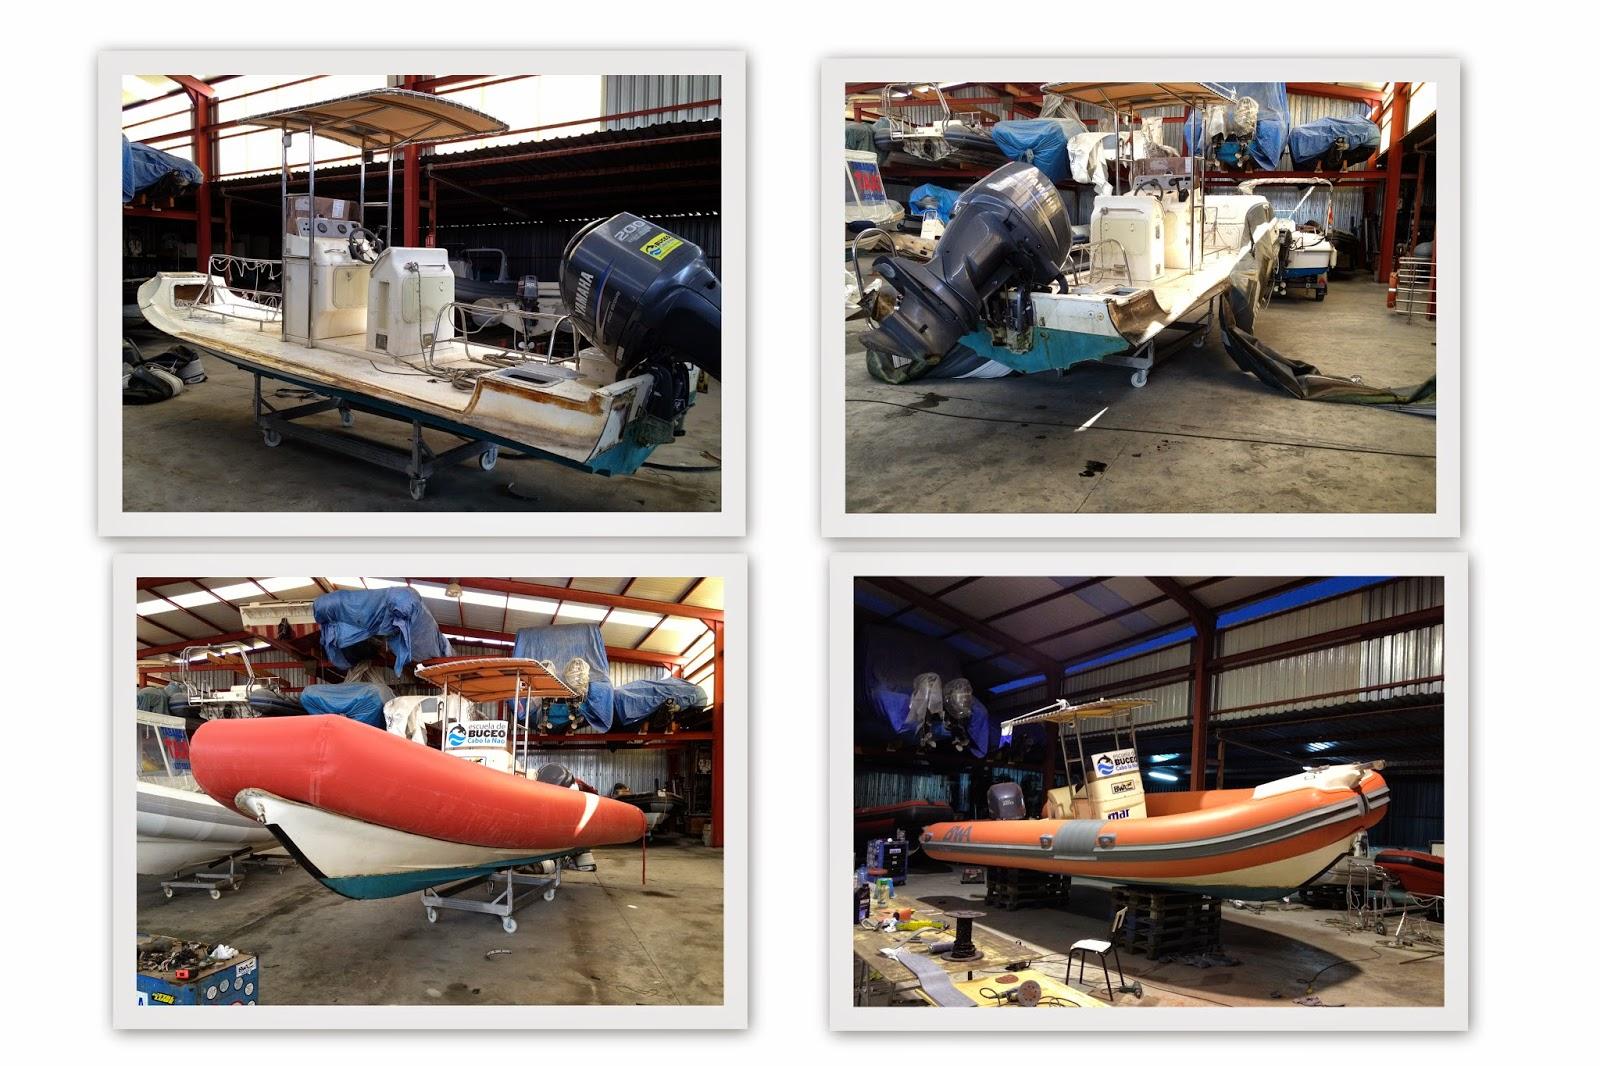 Blog de buceo y alquiler de barcos cambio flotador a - Stock uno alicante ...